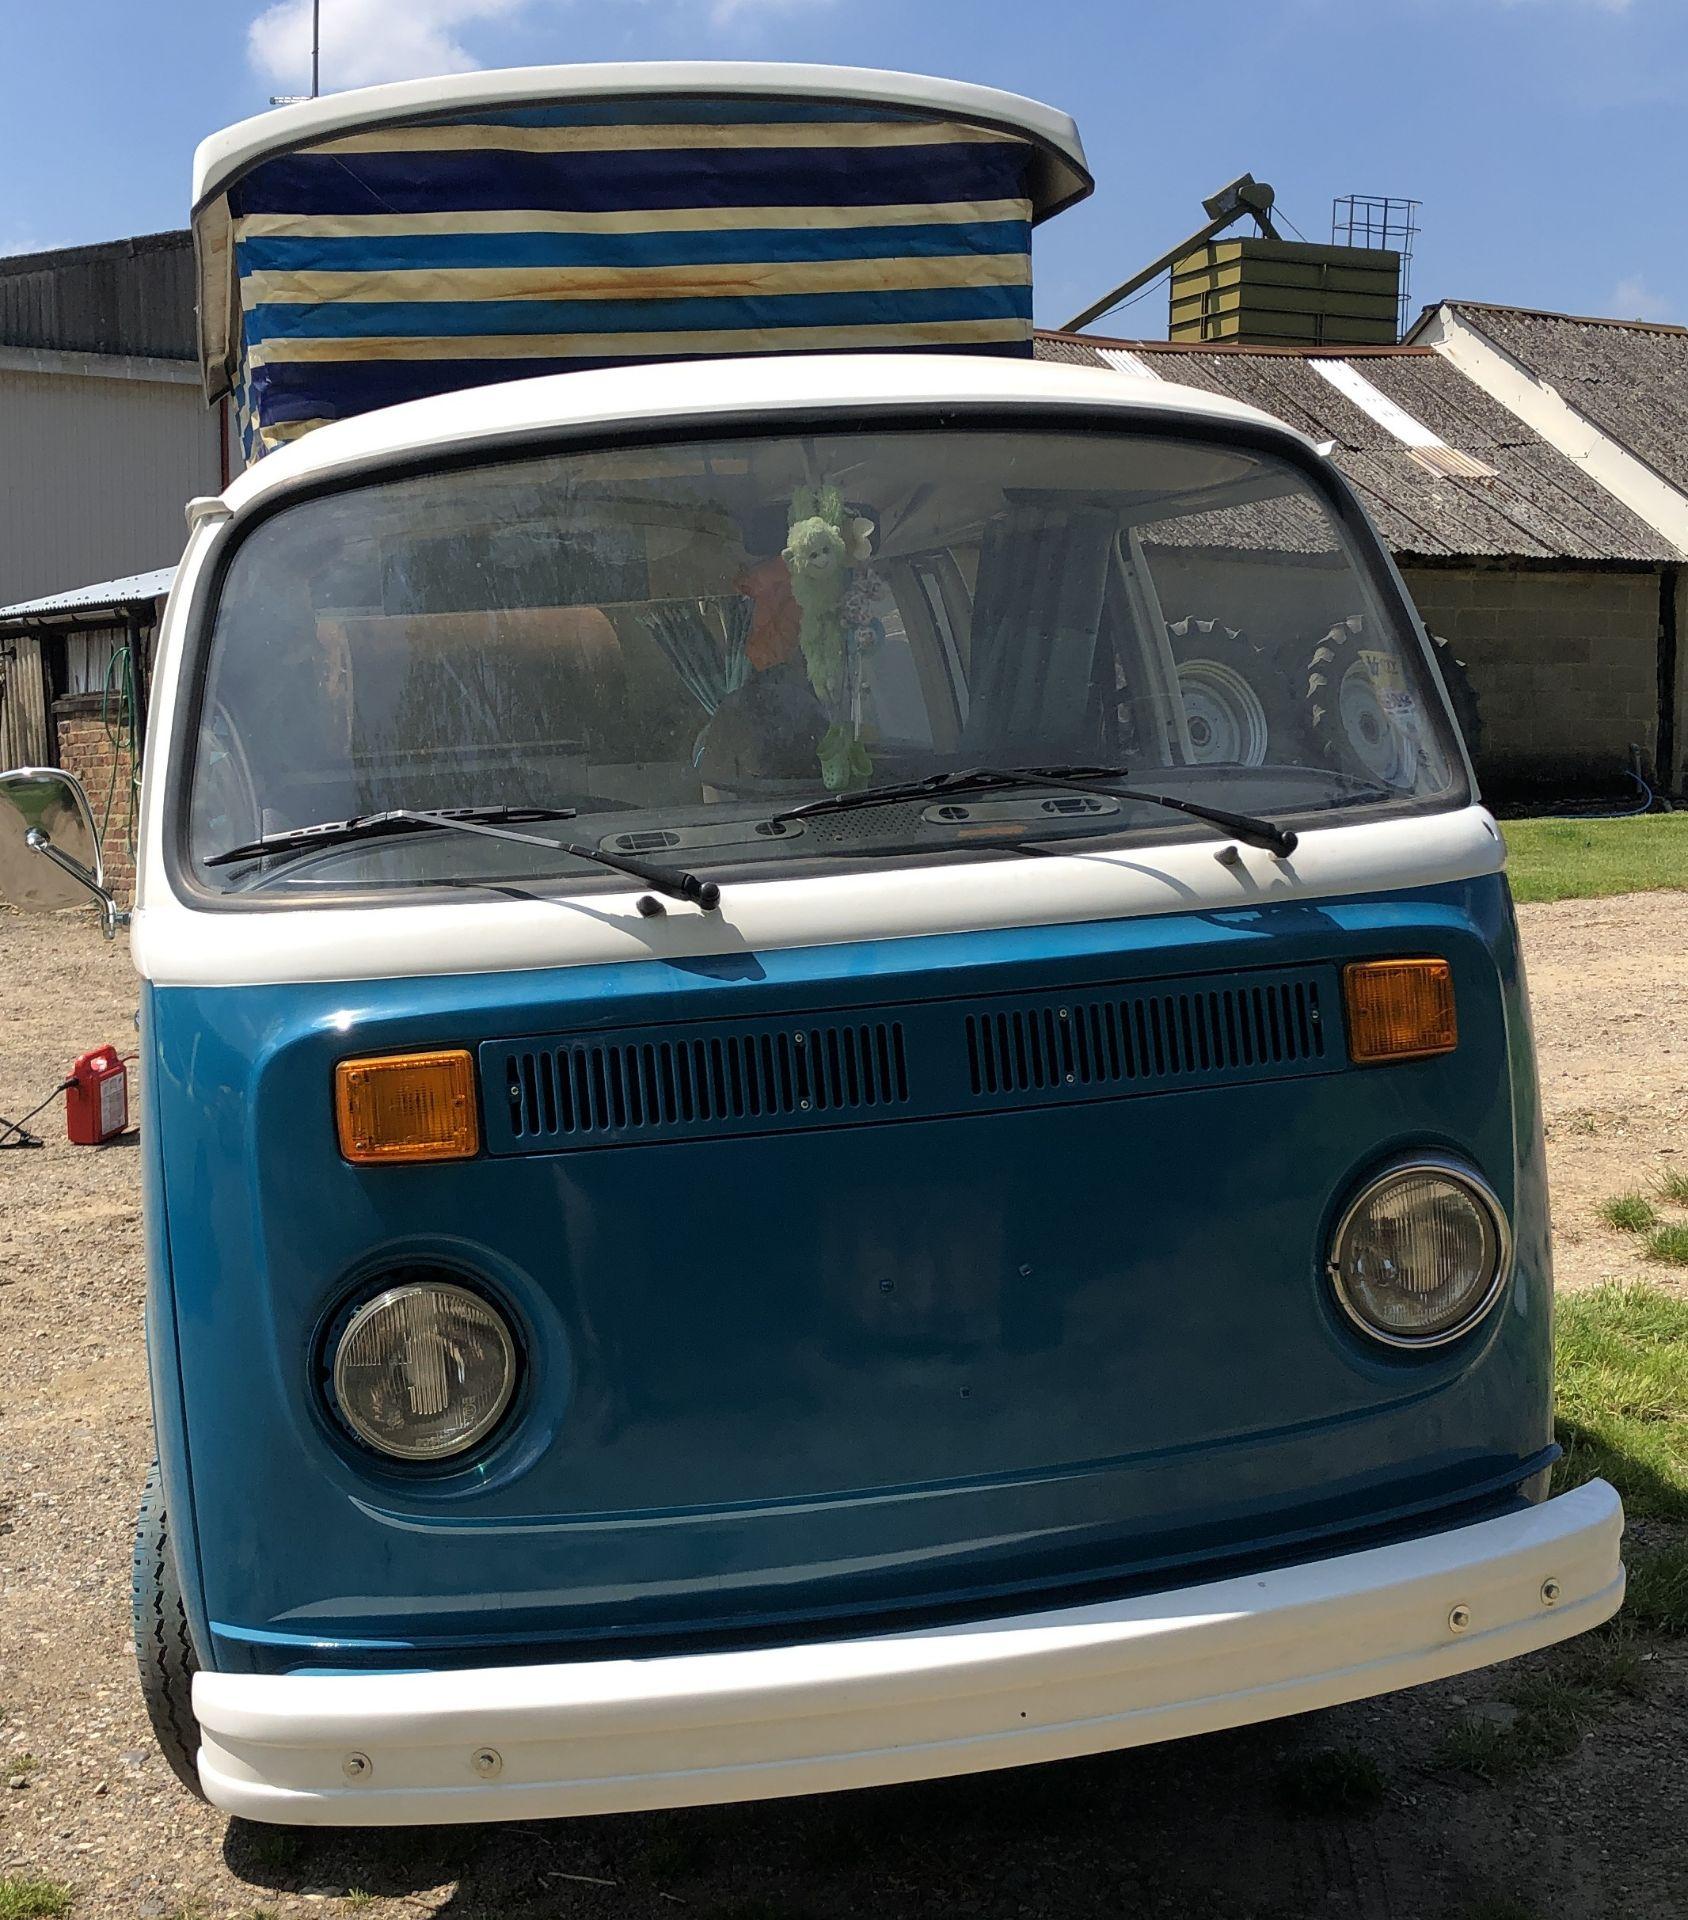 VW Microbus 8 Seater Caravanette Devon - 'Mr Blue' Petrol, Registration UMH 420S, First Registered - Image 12 of 47